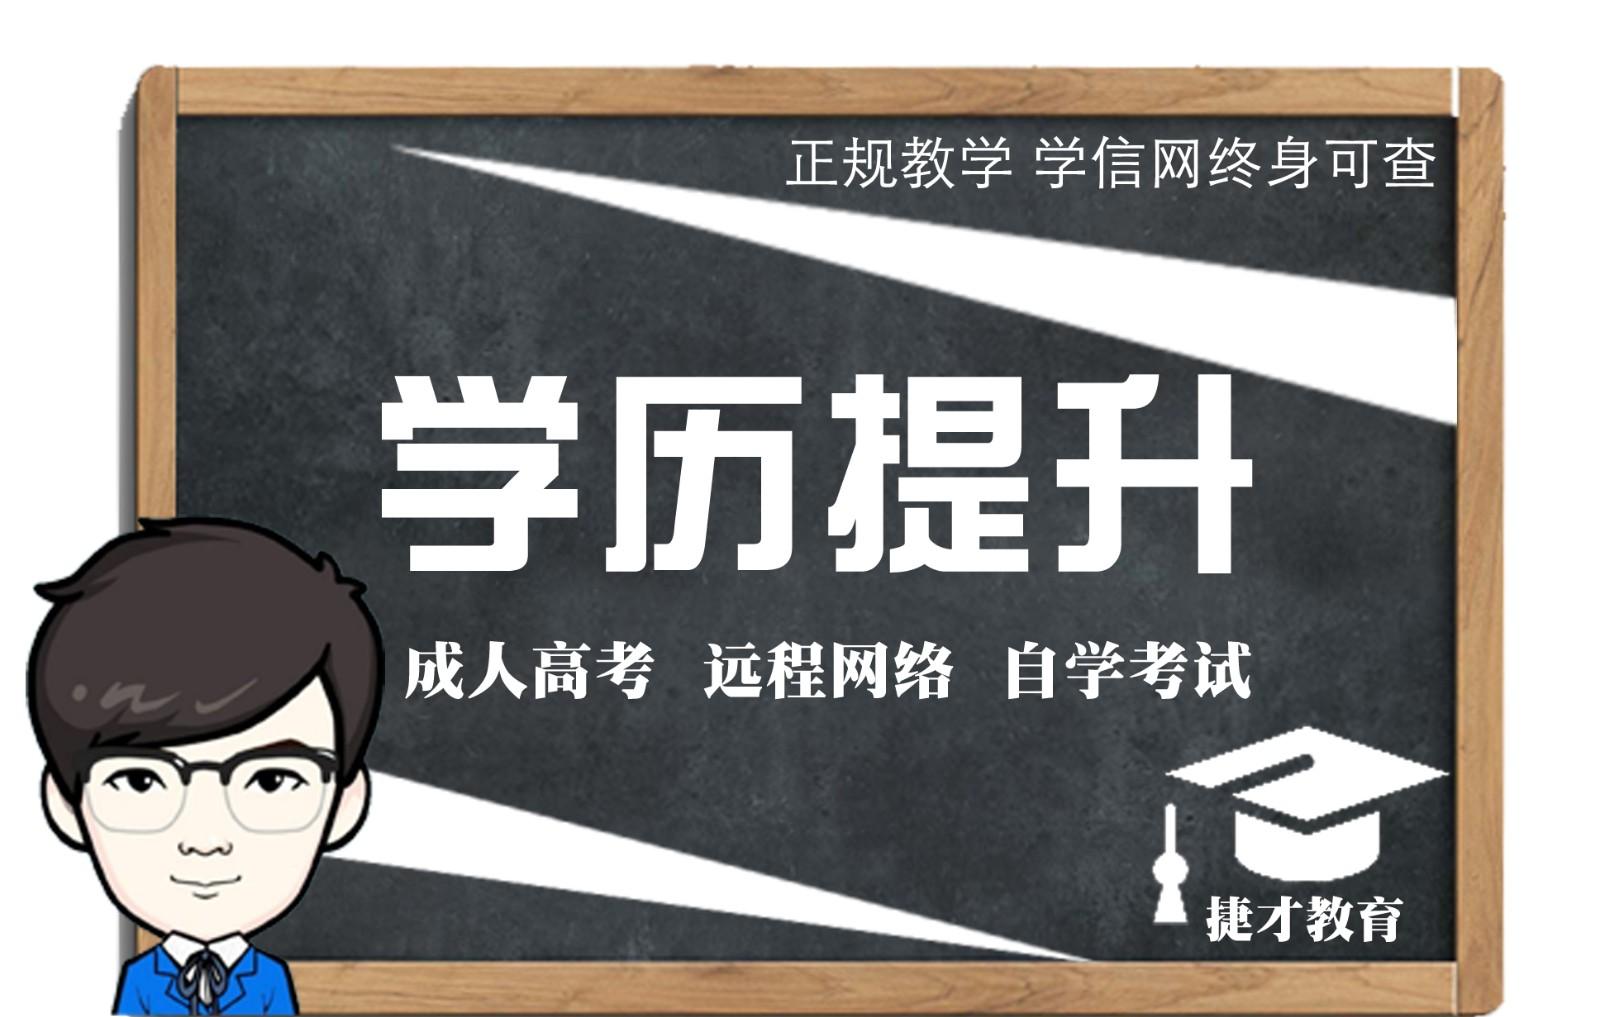 中育為-[成教學院]2020年江蘇省成人高等教育招生報考條件和材料上傳要求(成人高考 函授 專升本 高起本)